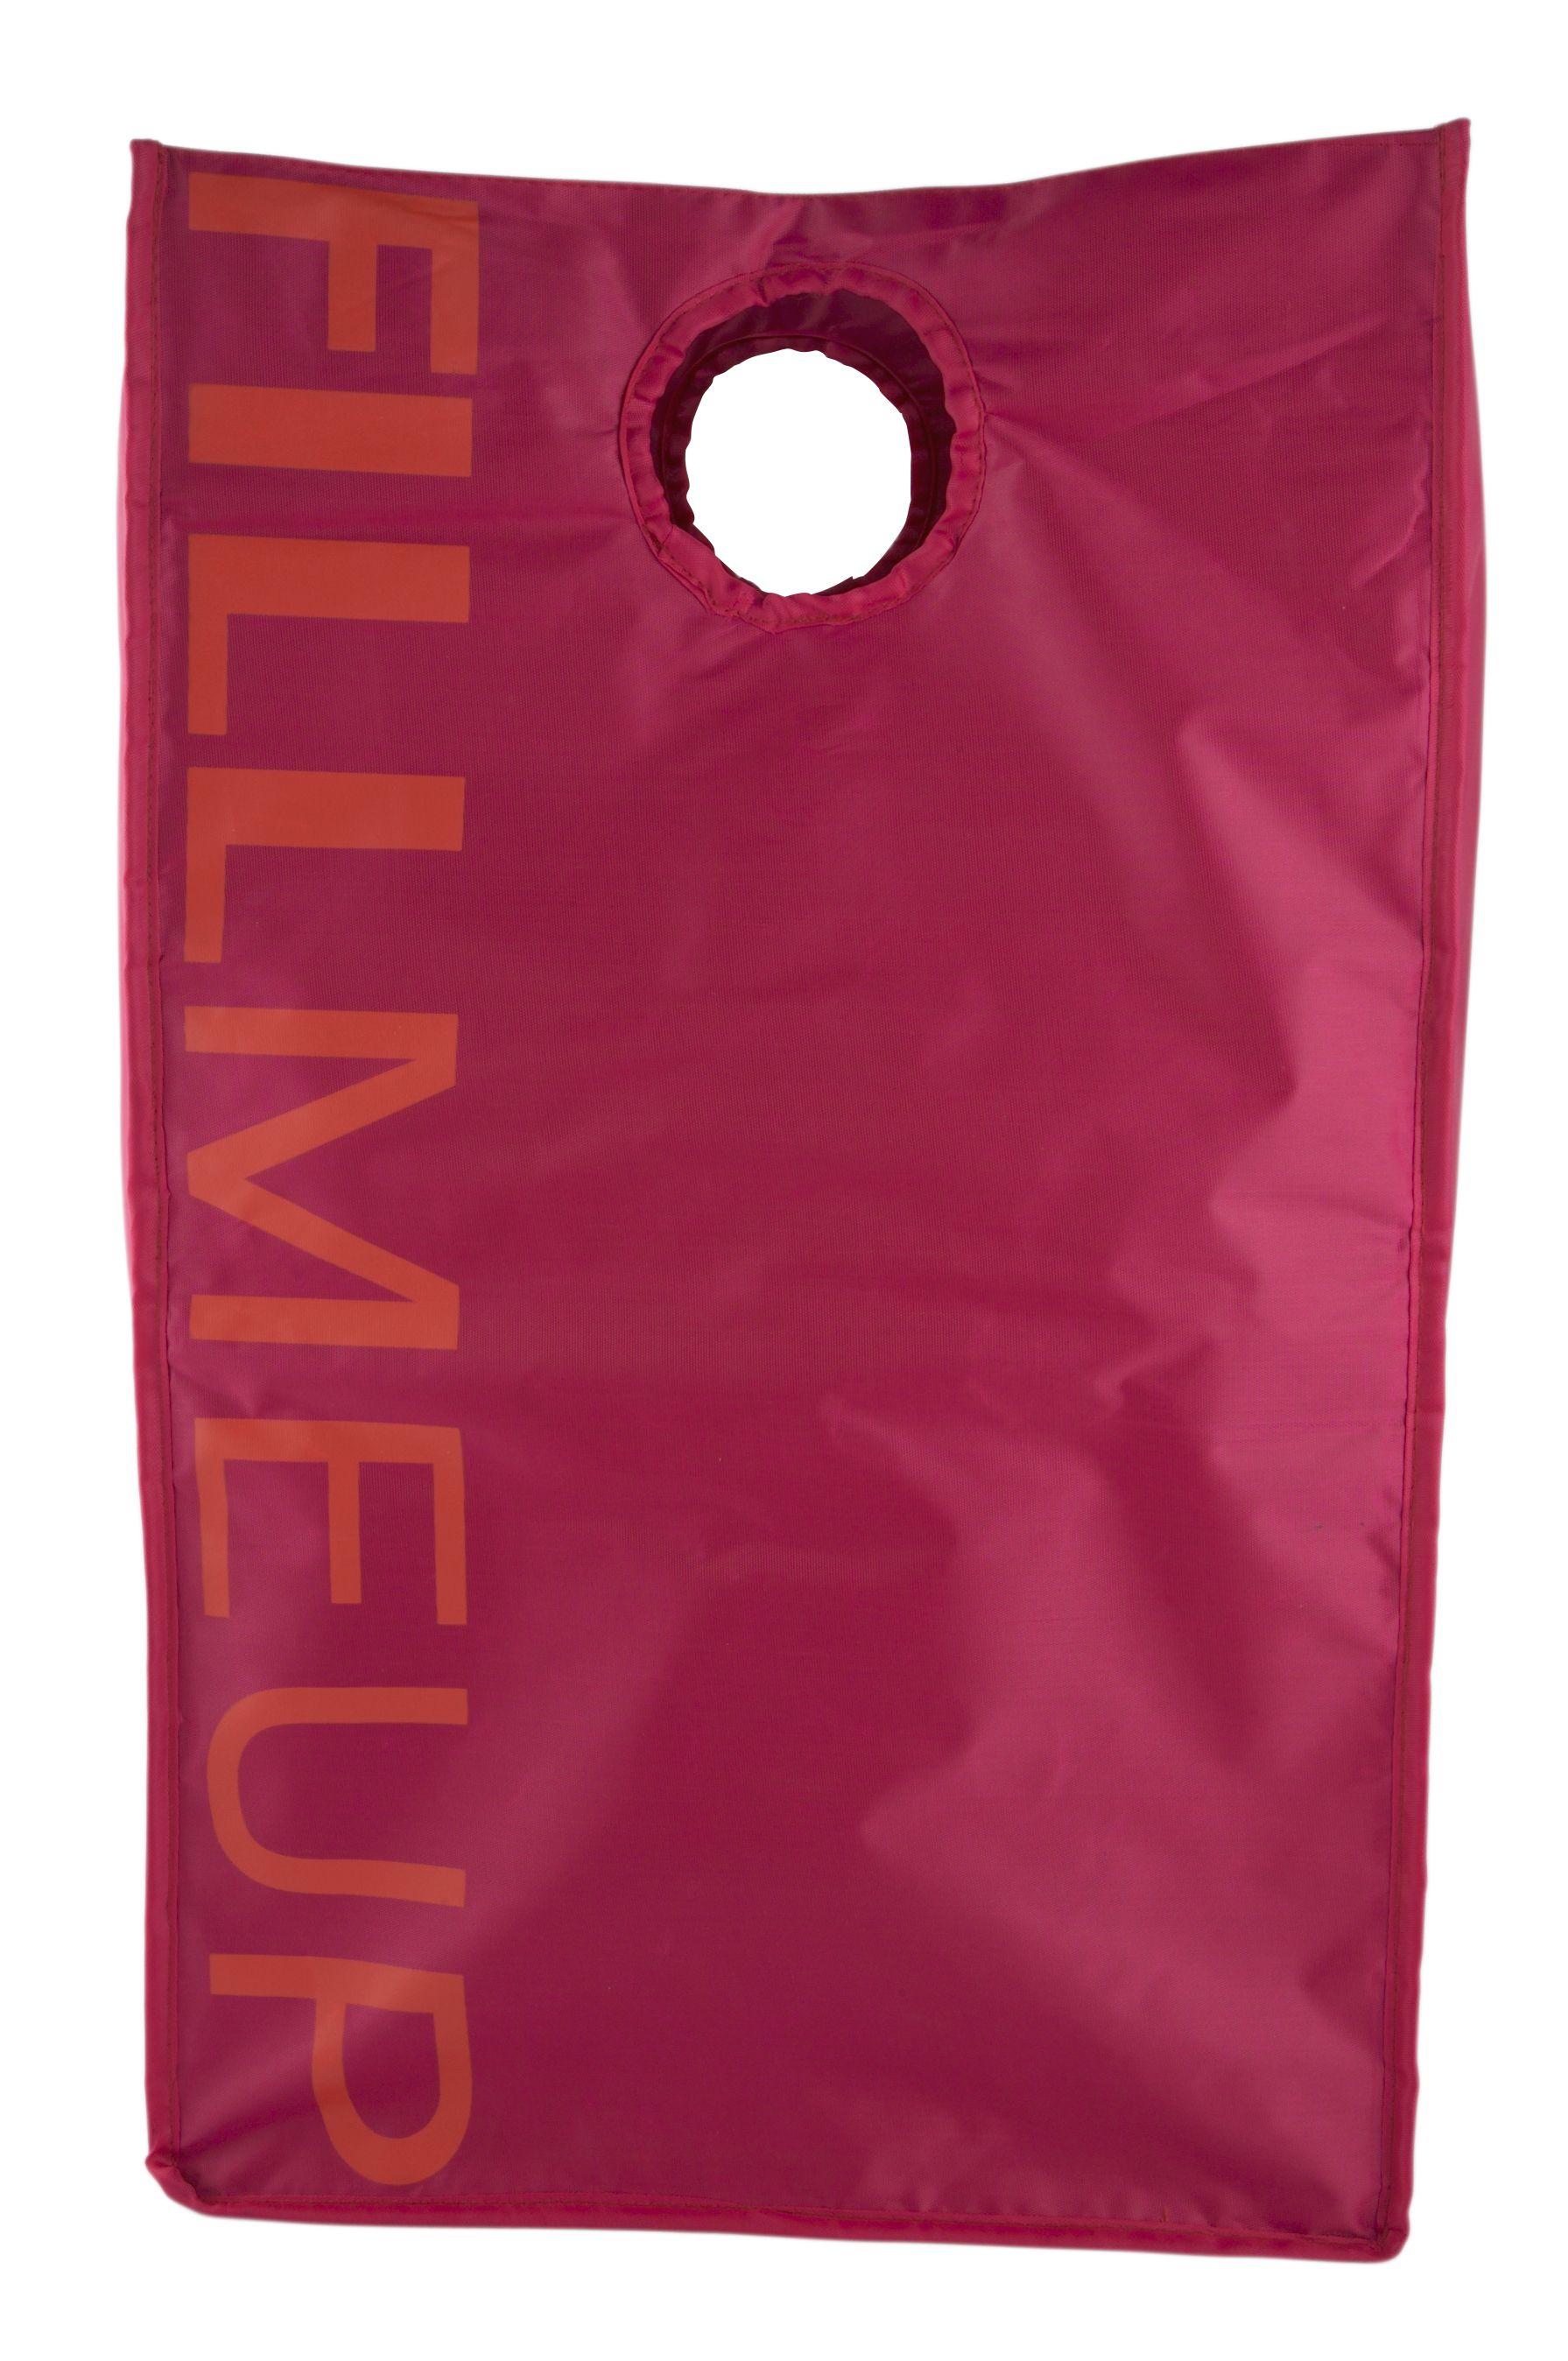 Zone-Denmark » Zone Confetti Vasketøjskurv / Opbevaringspose - Hindbærrød / Pin --- Findes i mange farver - fx. en til hvidt, en til mørkt og en til rødt/lilla